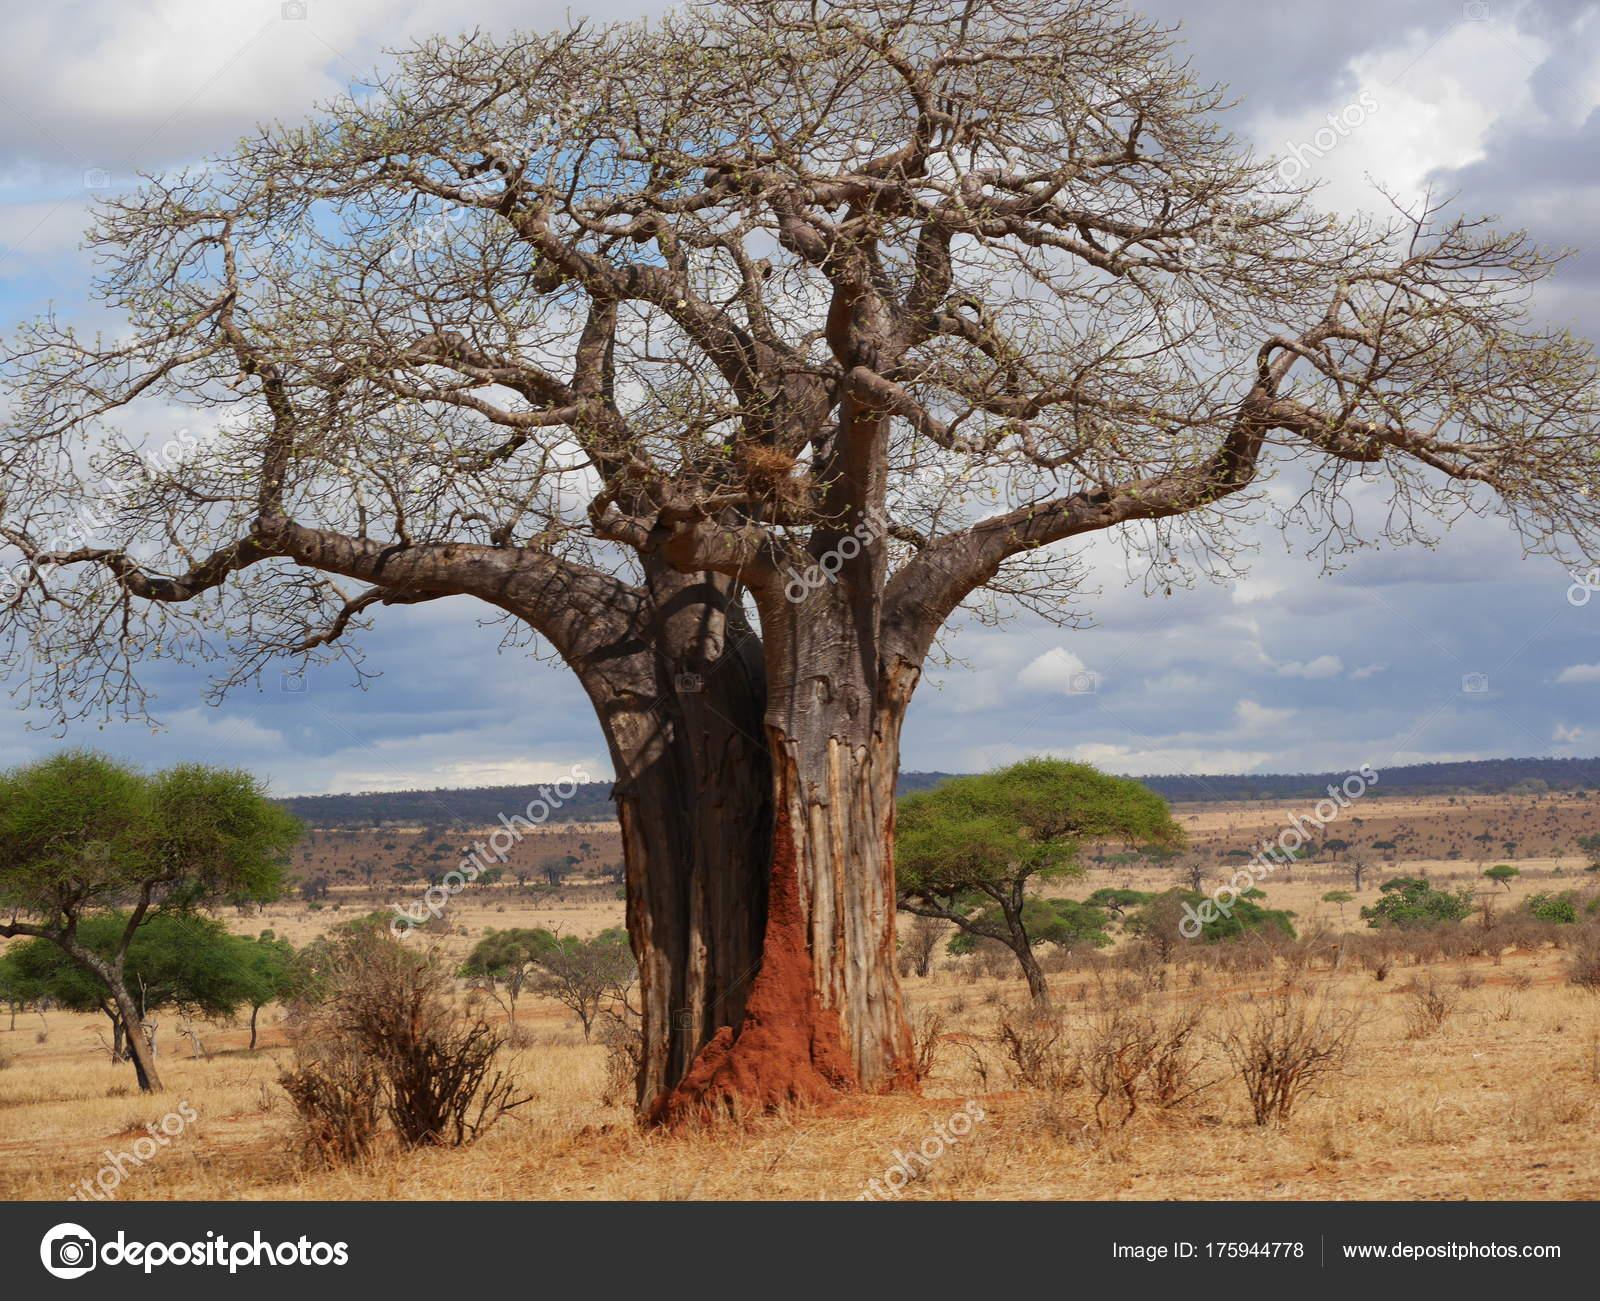 世界最粗的树图片_猴面包树 世界上最大的树木 150 年的树 美丽的树 参天大树 孤独 ...